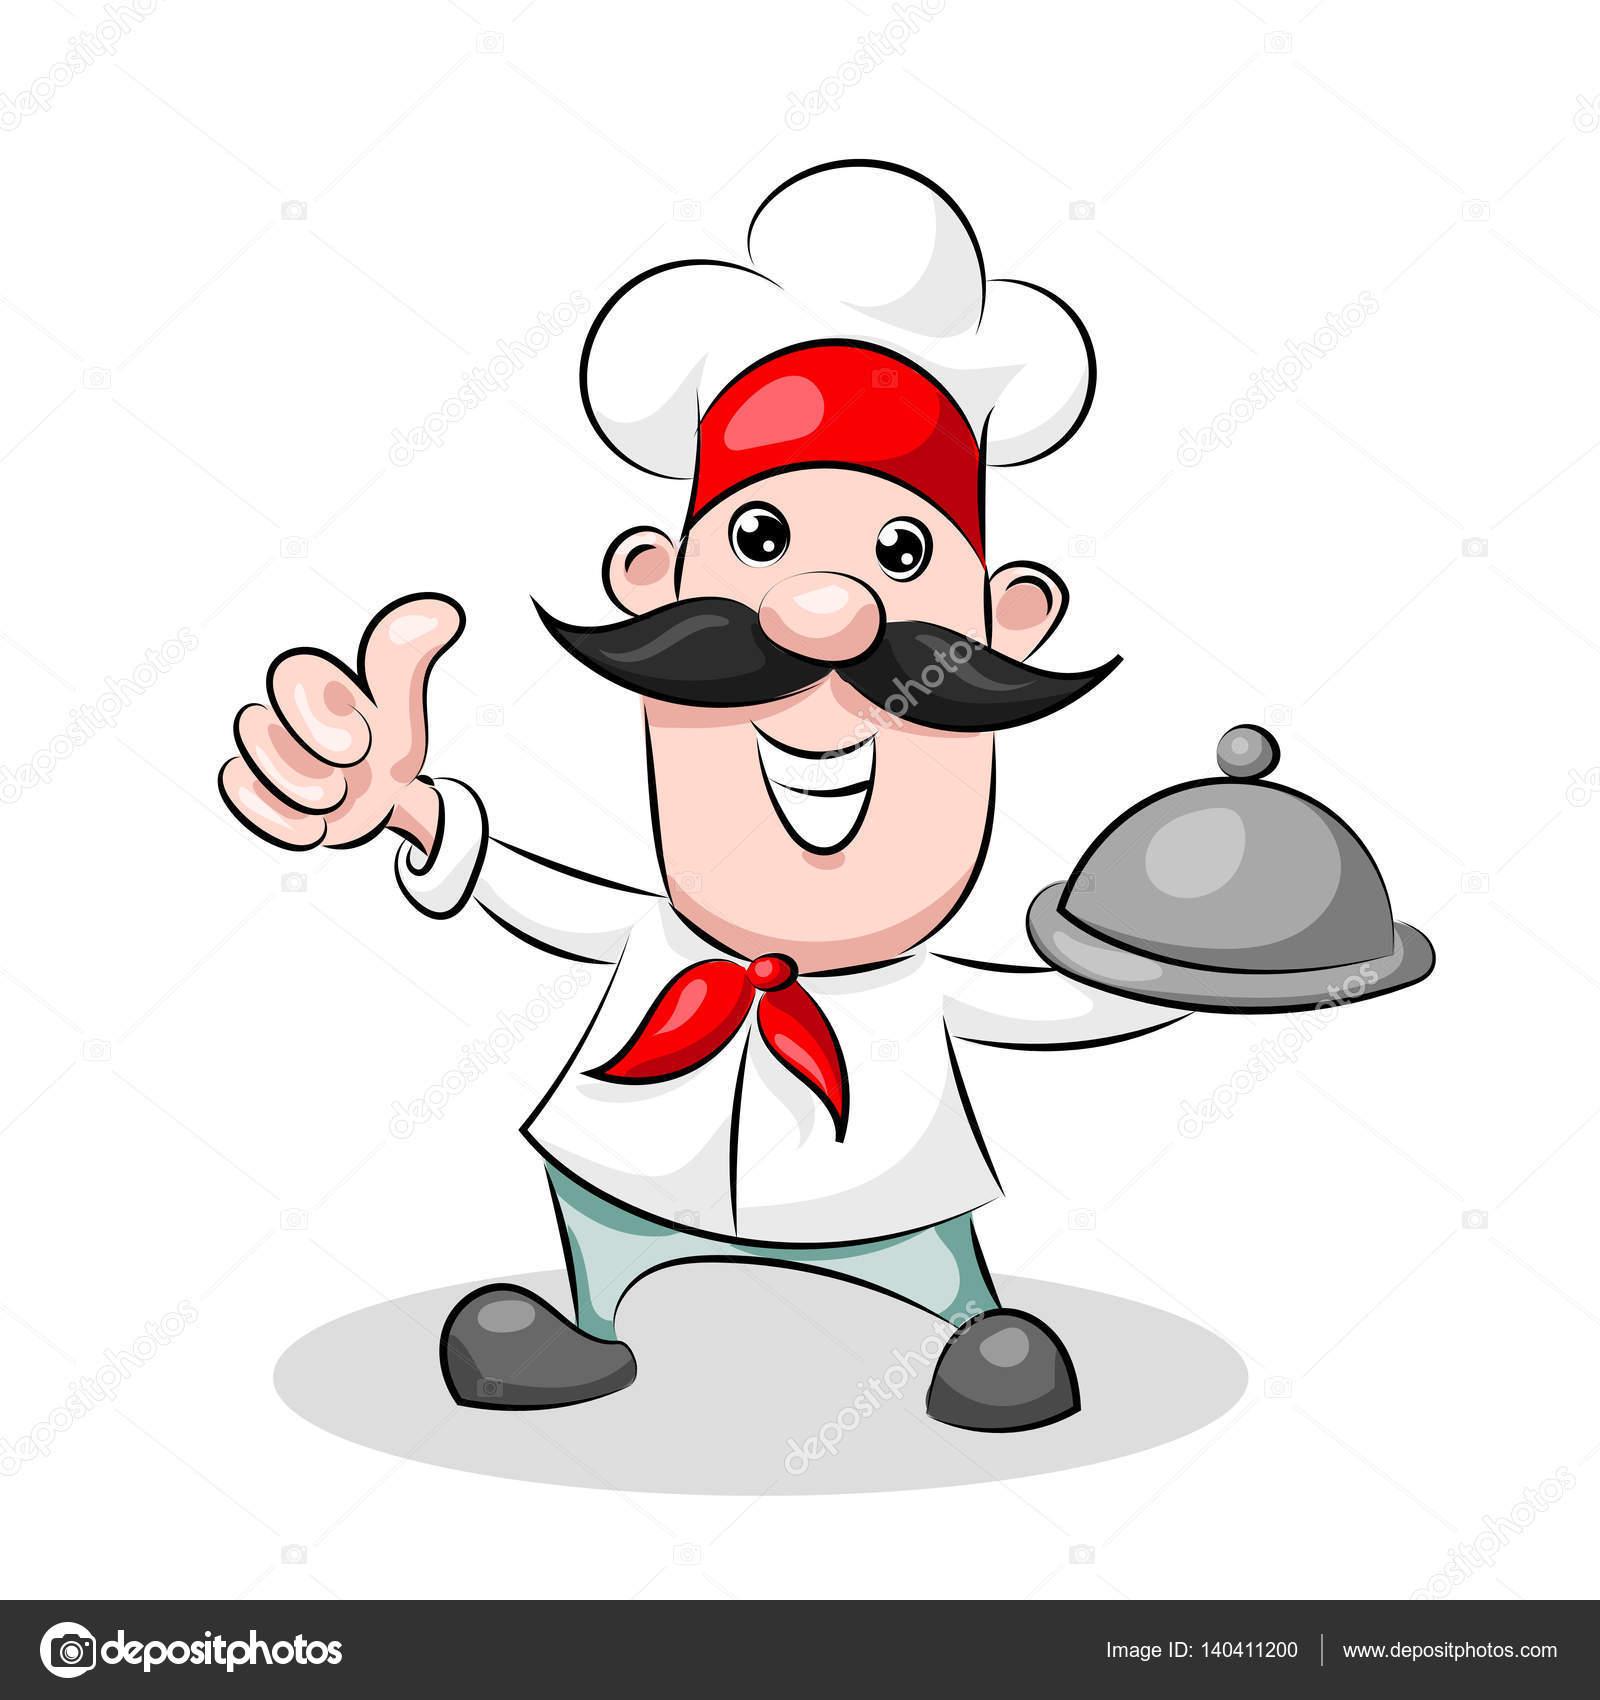 Dessin anim mignon dr le chef cuisinier dans la pac for Cuisinier 94 photos